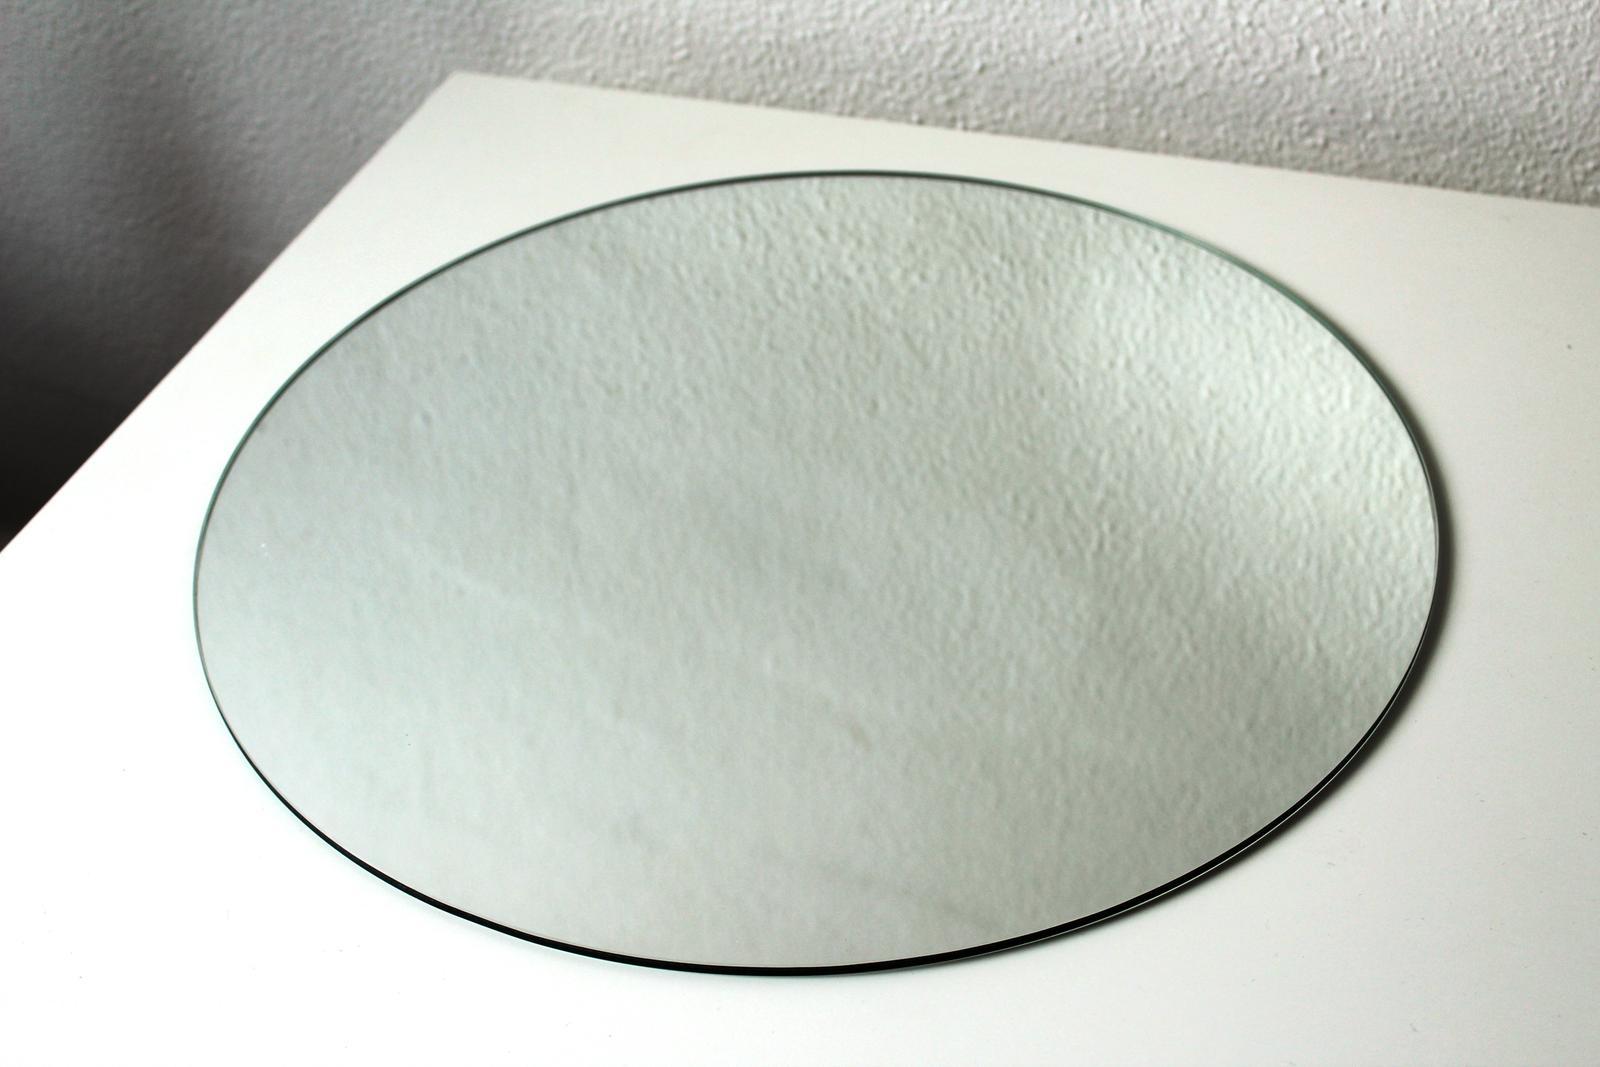 Zrkadlo ohrúhle - prenájom - Obrázok č. 1